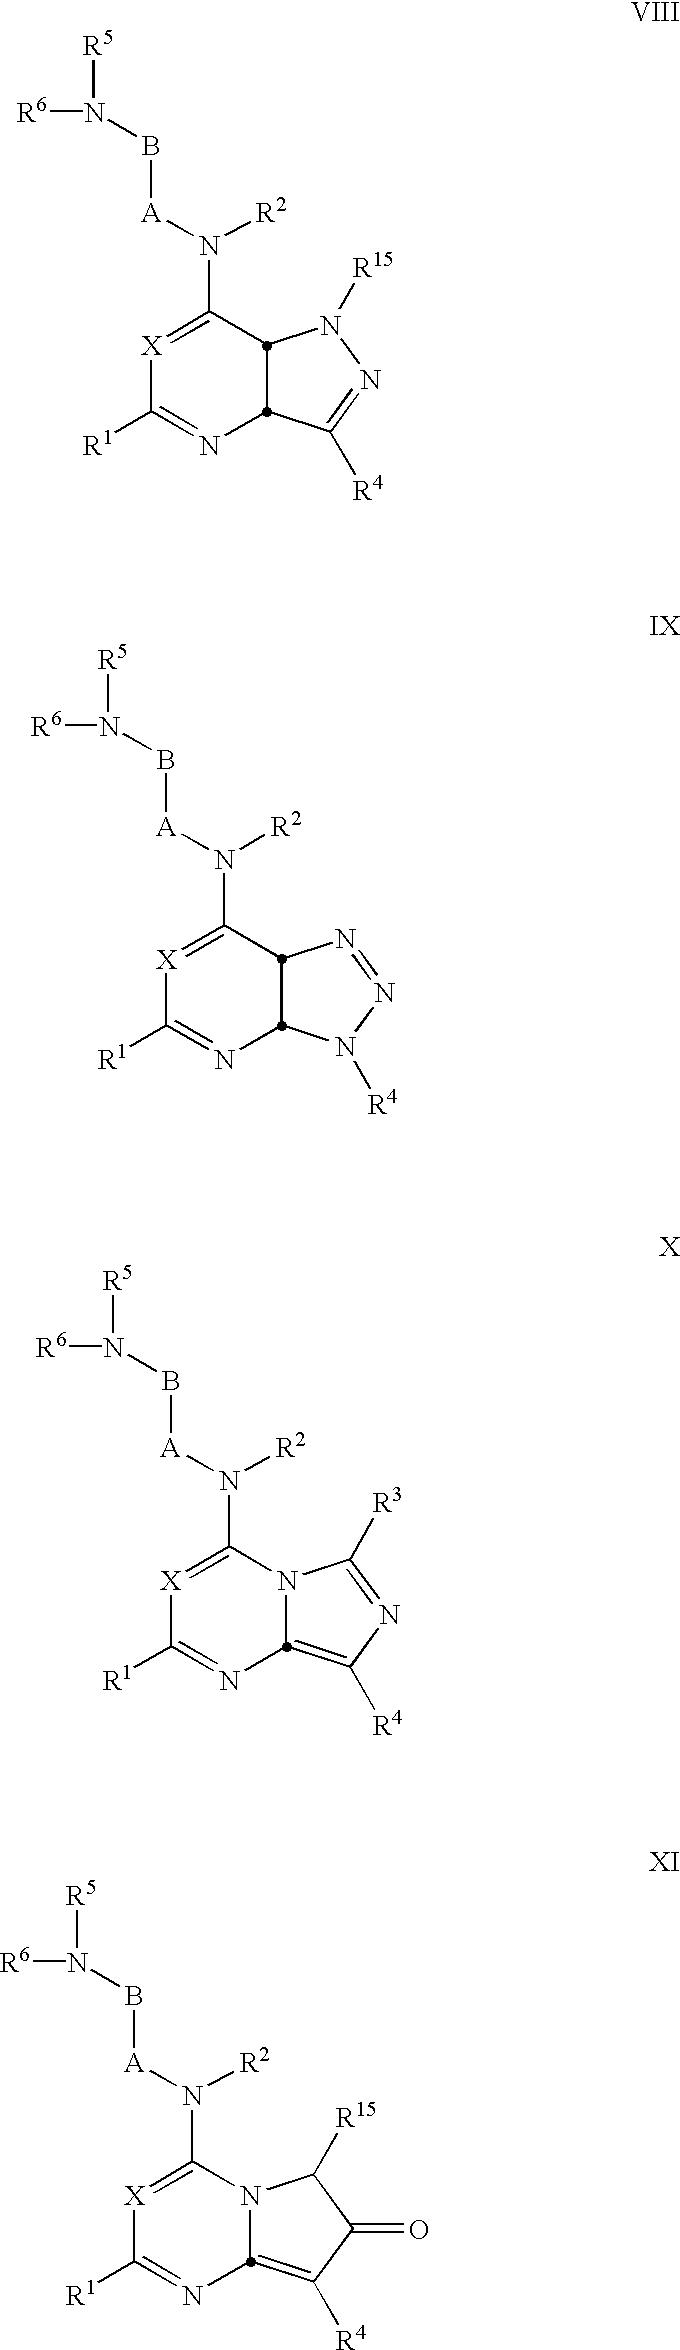 Figure US06506762-20030114-C00104